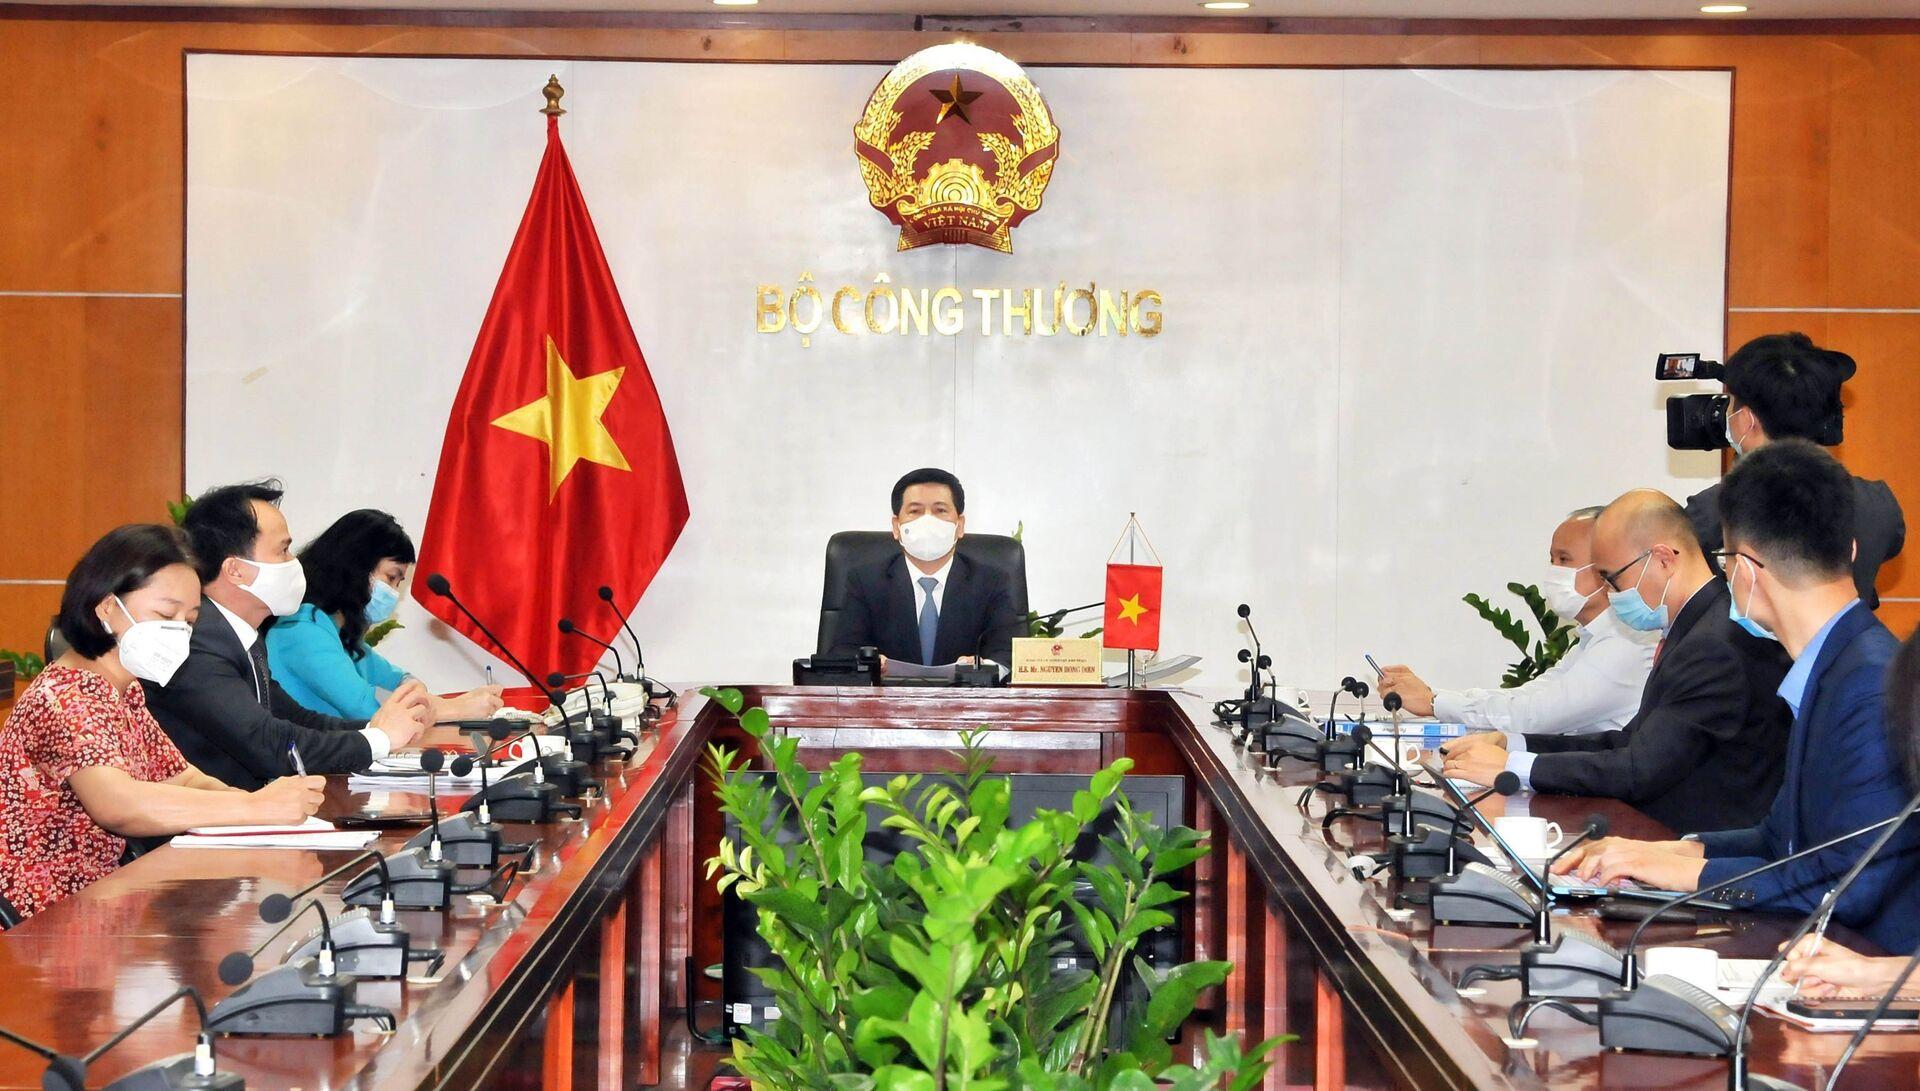 Đưa Việt Nam thành mắt xích quan trọng trong chuỗi cung ứng của doanh nghiệp Nhật - Sputnik Việt Nam, 1920, 26.05.2021